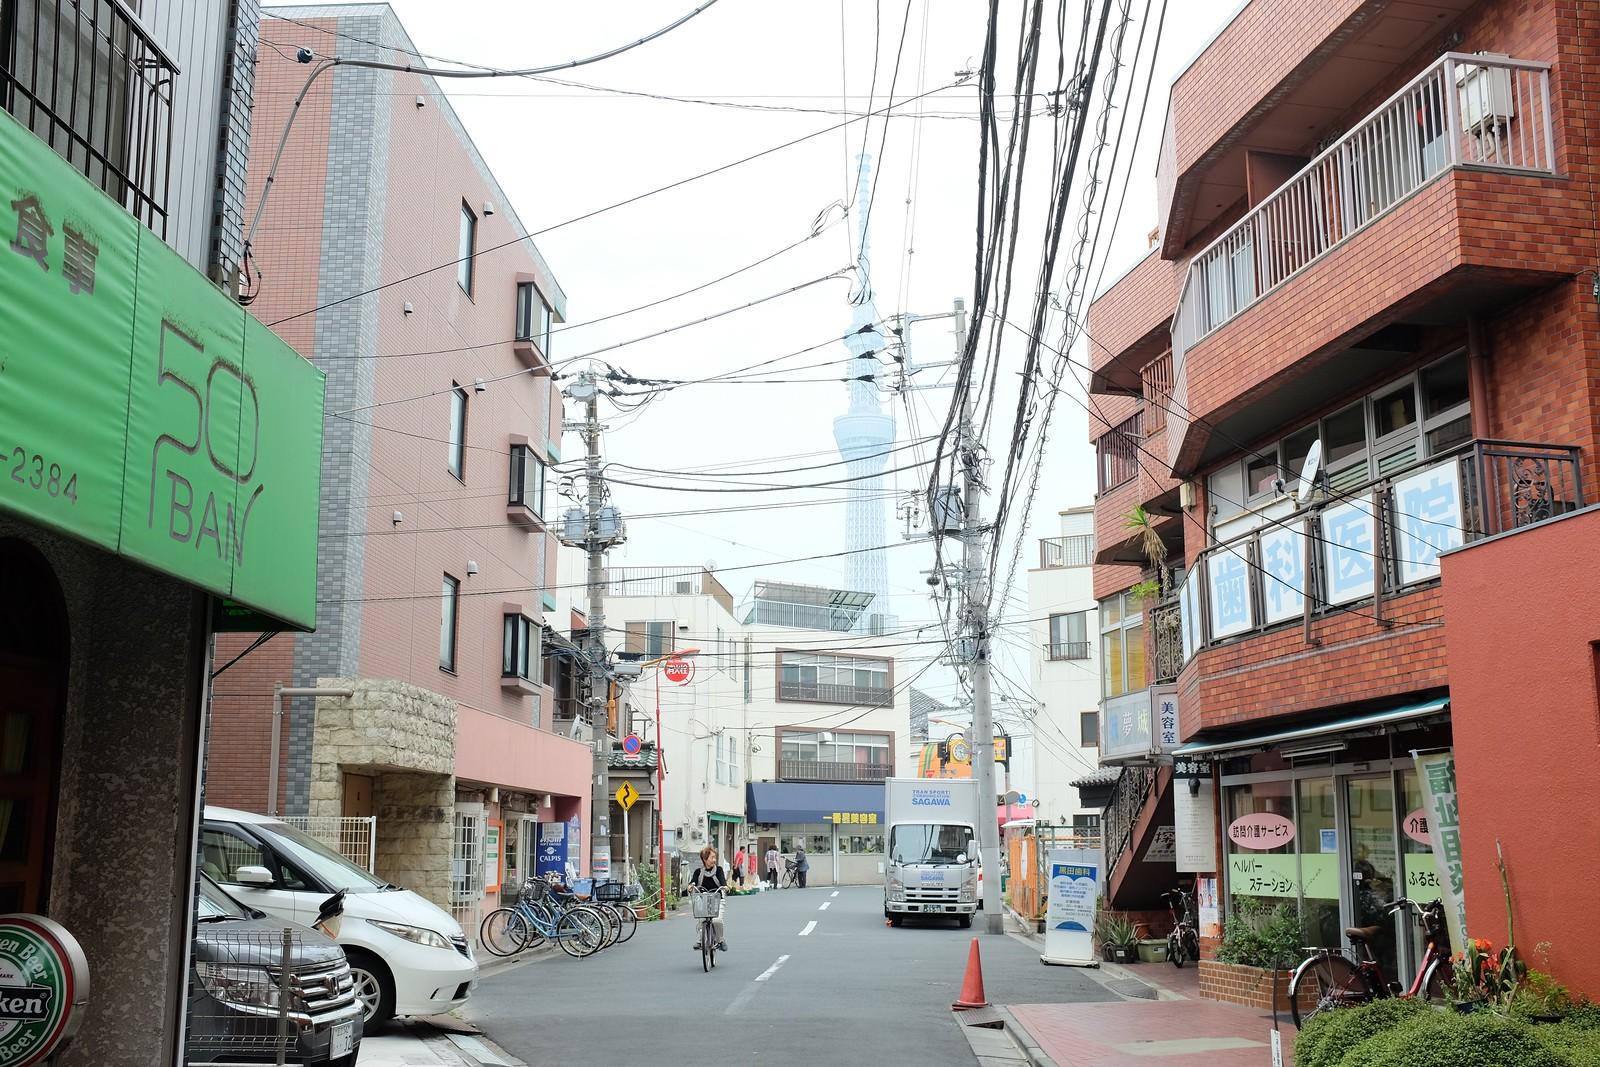 Sumida-ku photos in Tokyo, Japan.